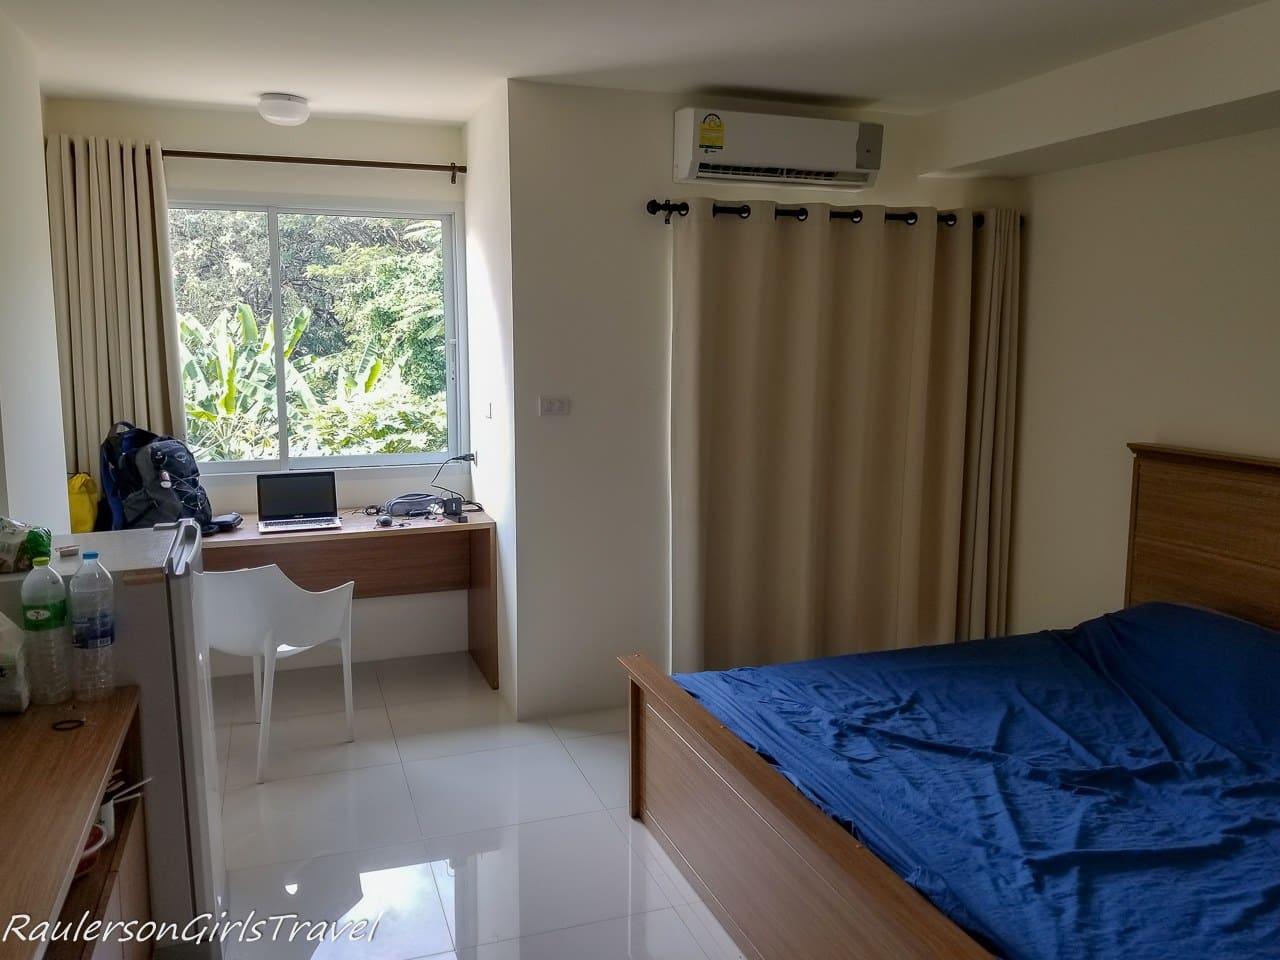 Condo in Chiang Mai